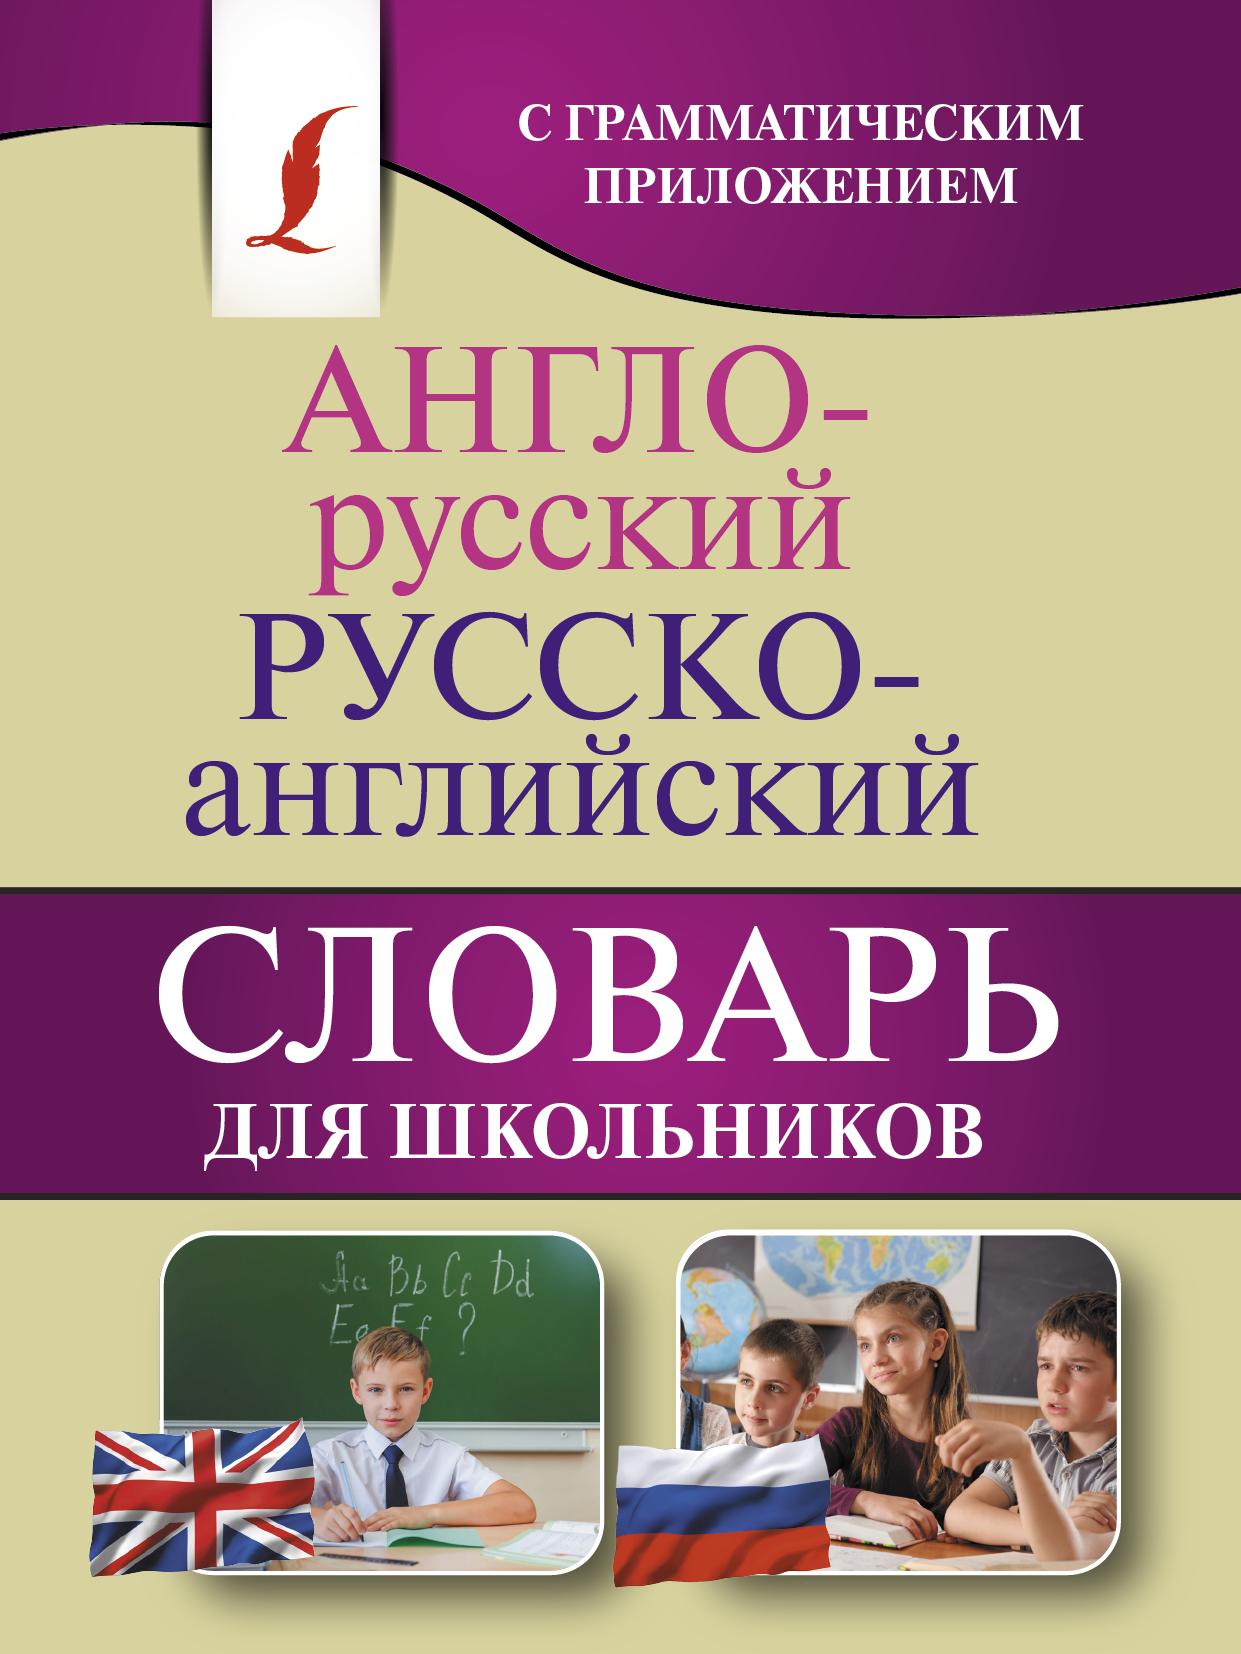 Англо-русский. Русско-английский словарь для школьников с грамматическим приложением ( .  )